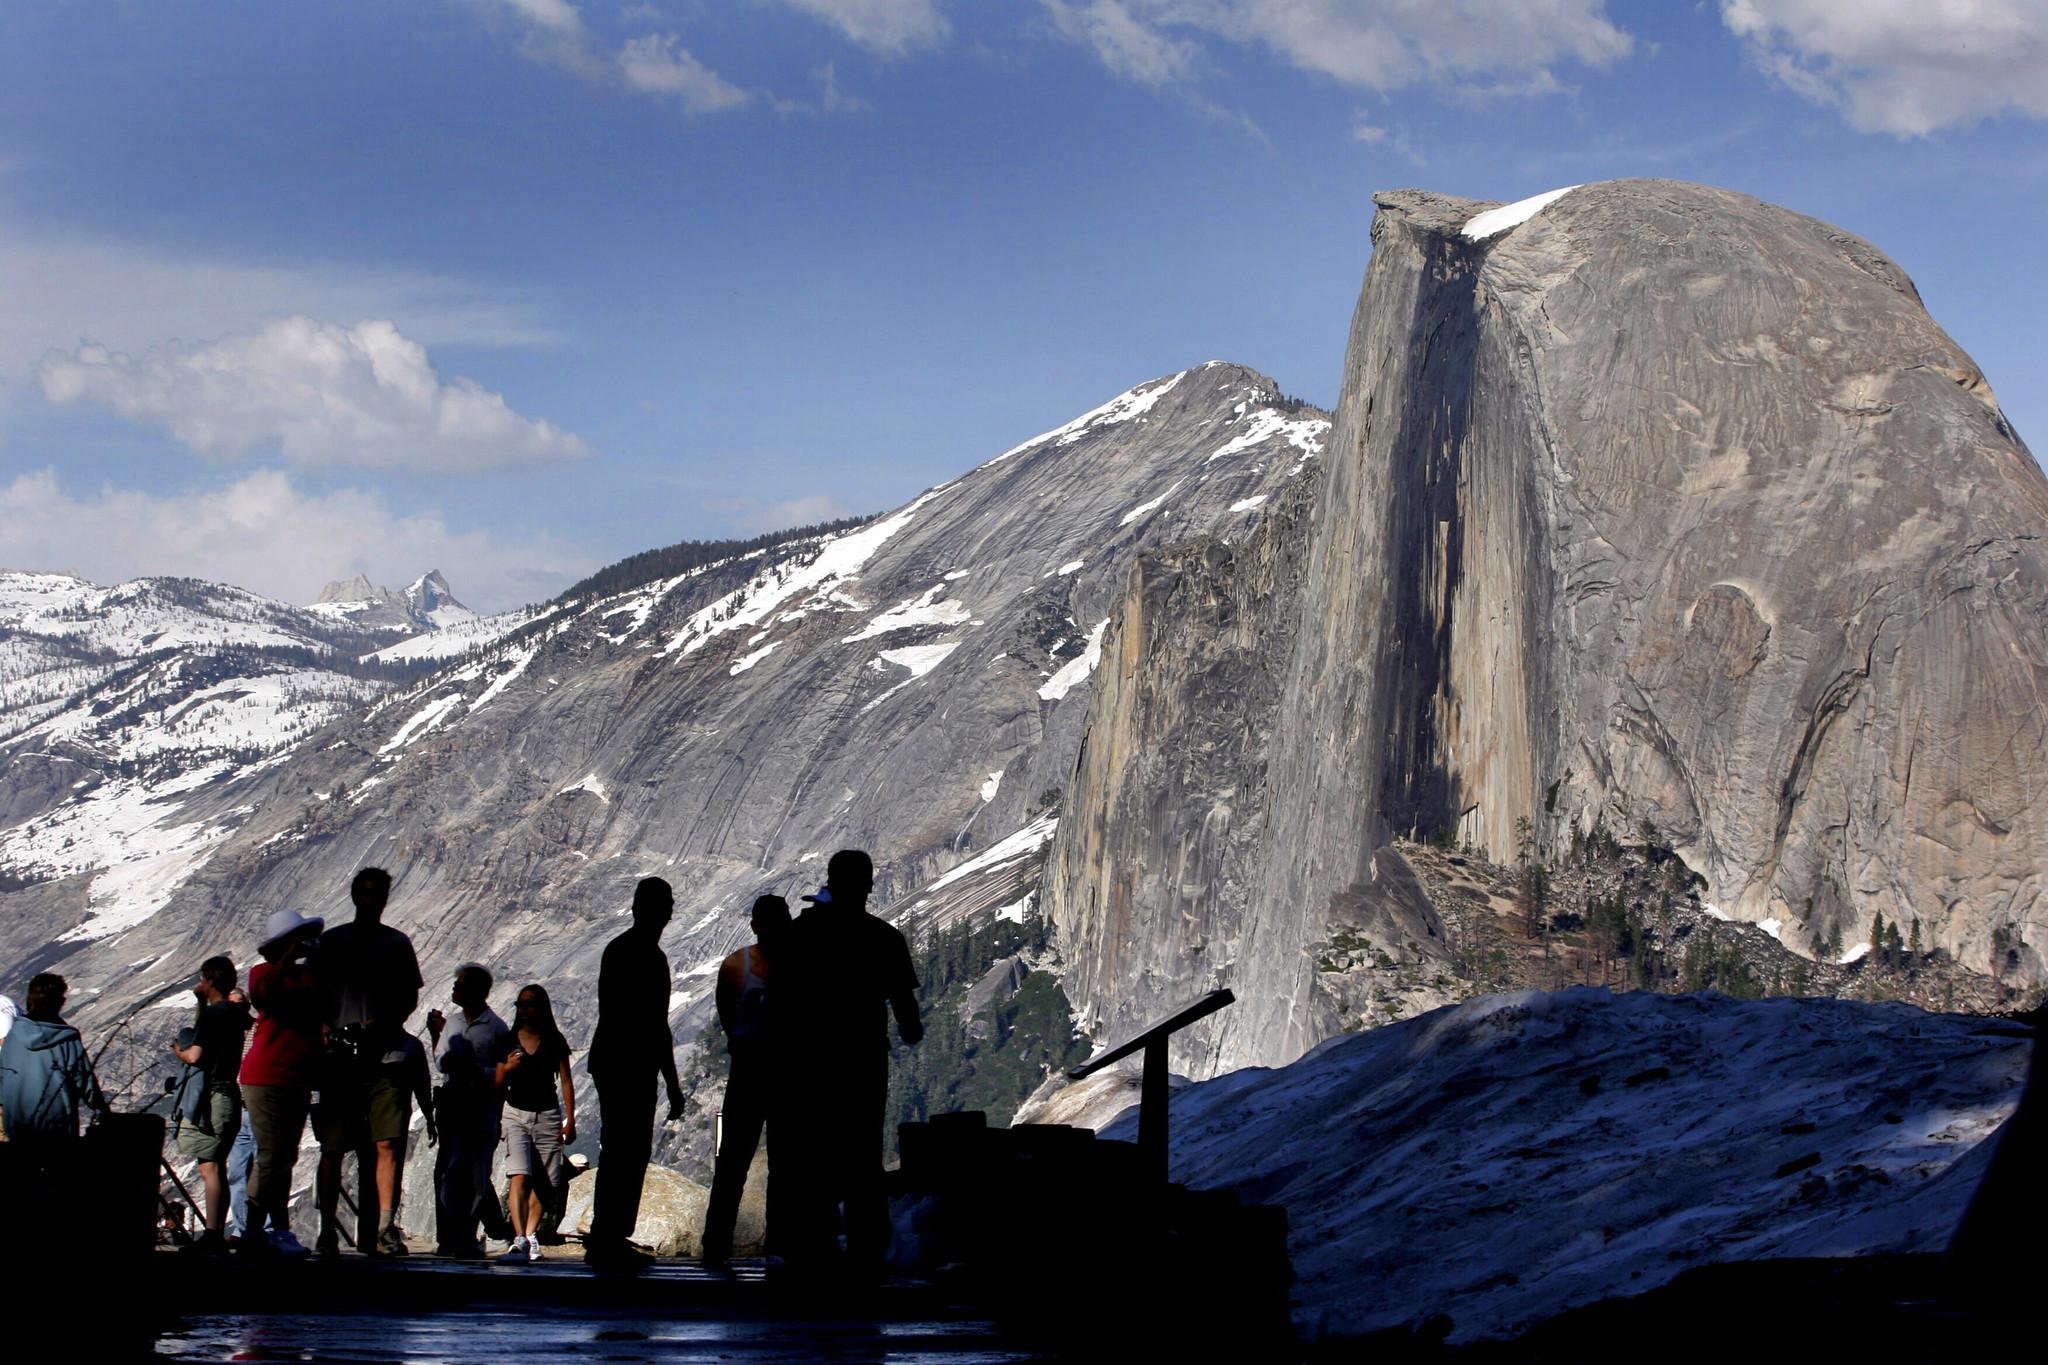 170 Yosemite National Park visitors report experiencing norovirus symptoms